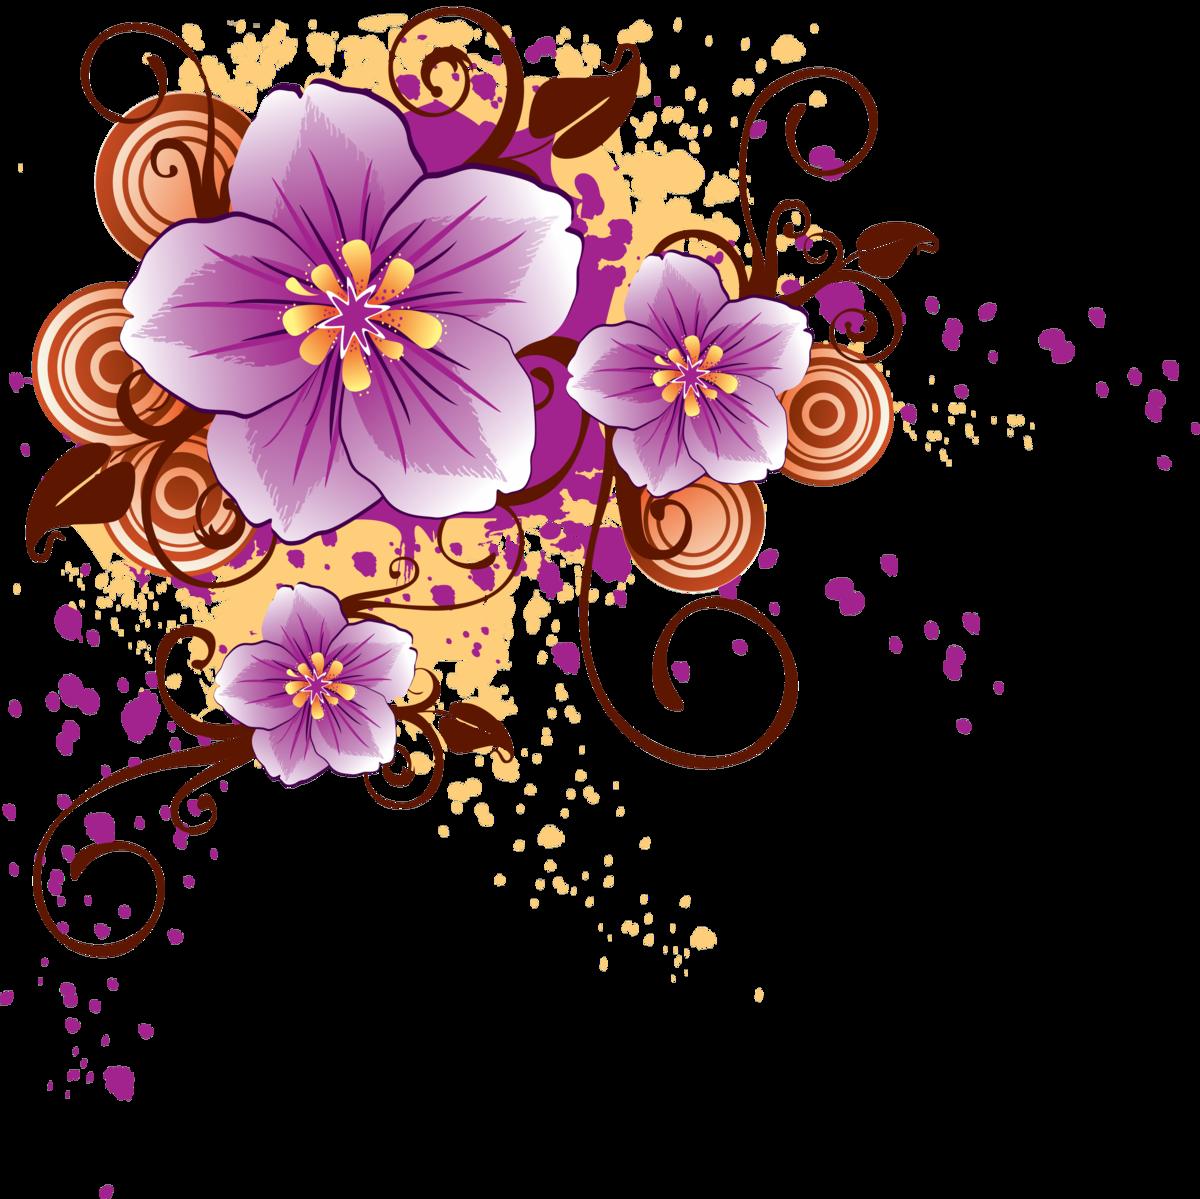 мастер-класс цветочные узоры векторные картинки всех презентаций